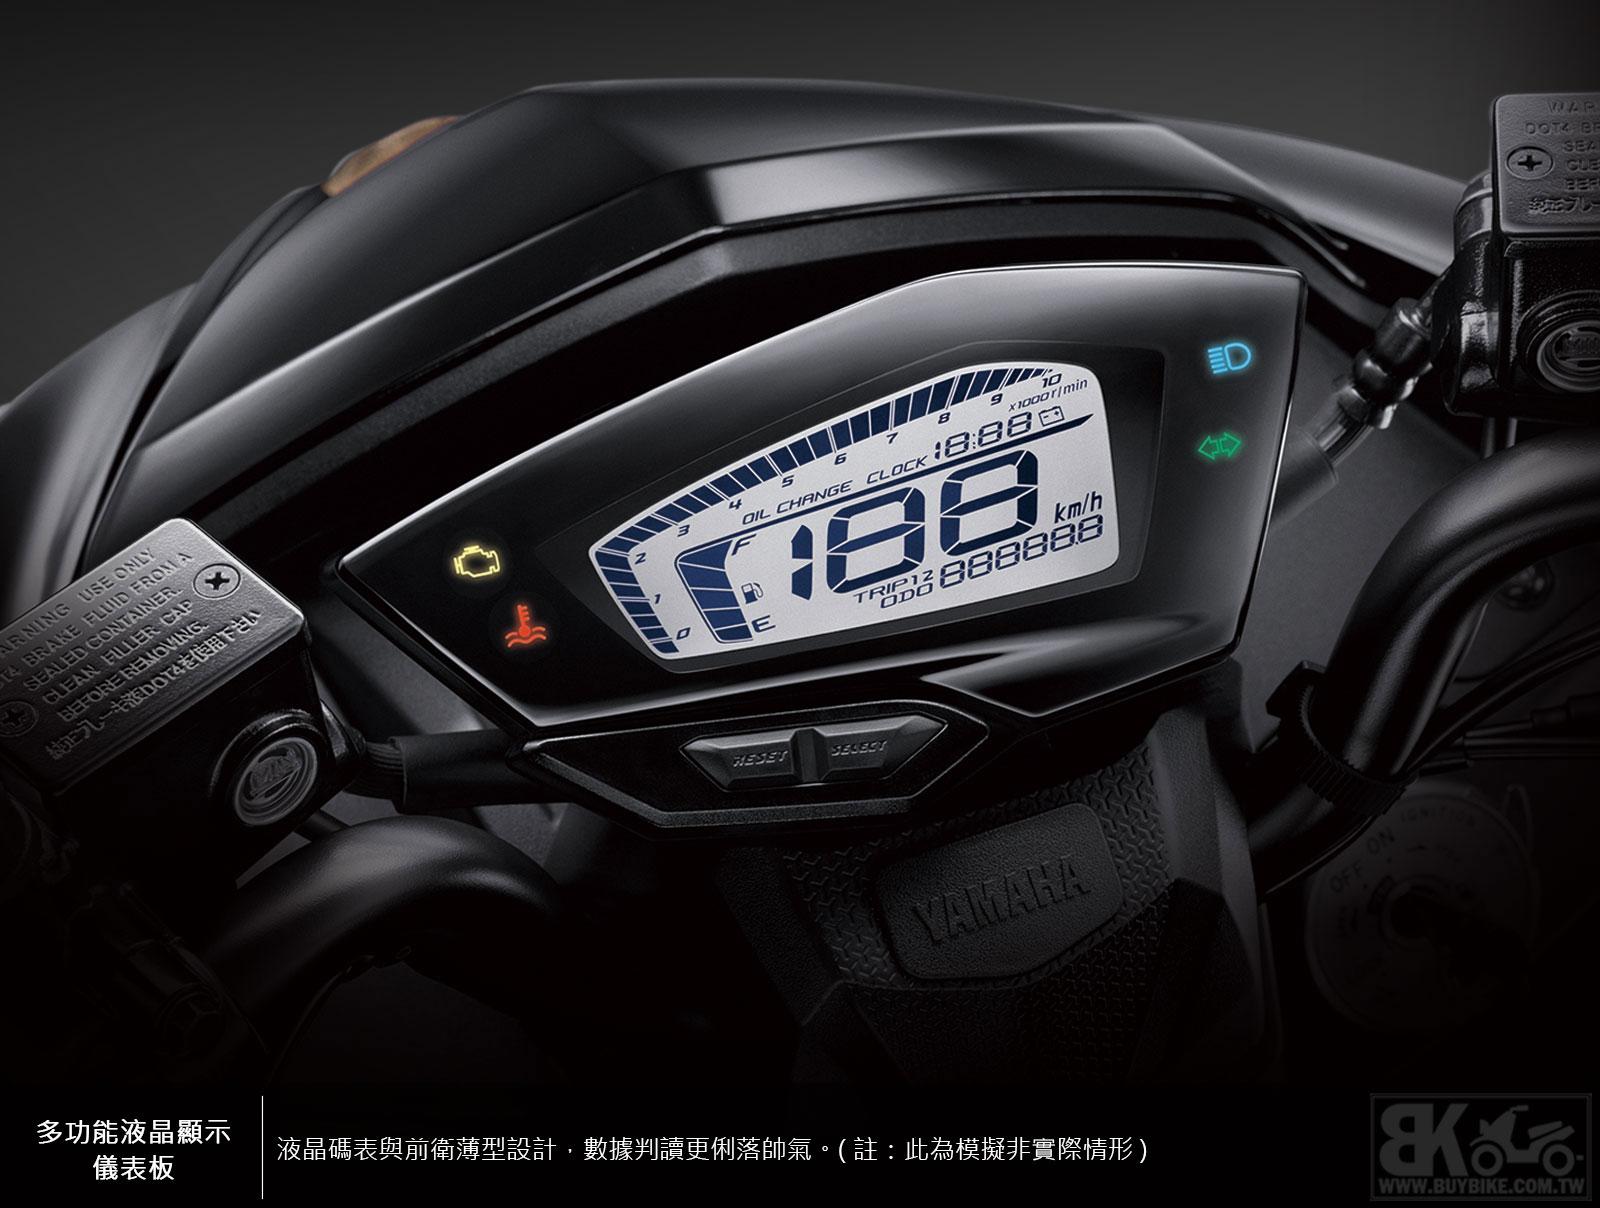 05.多功能液晶顯示儀表板